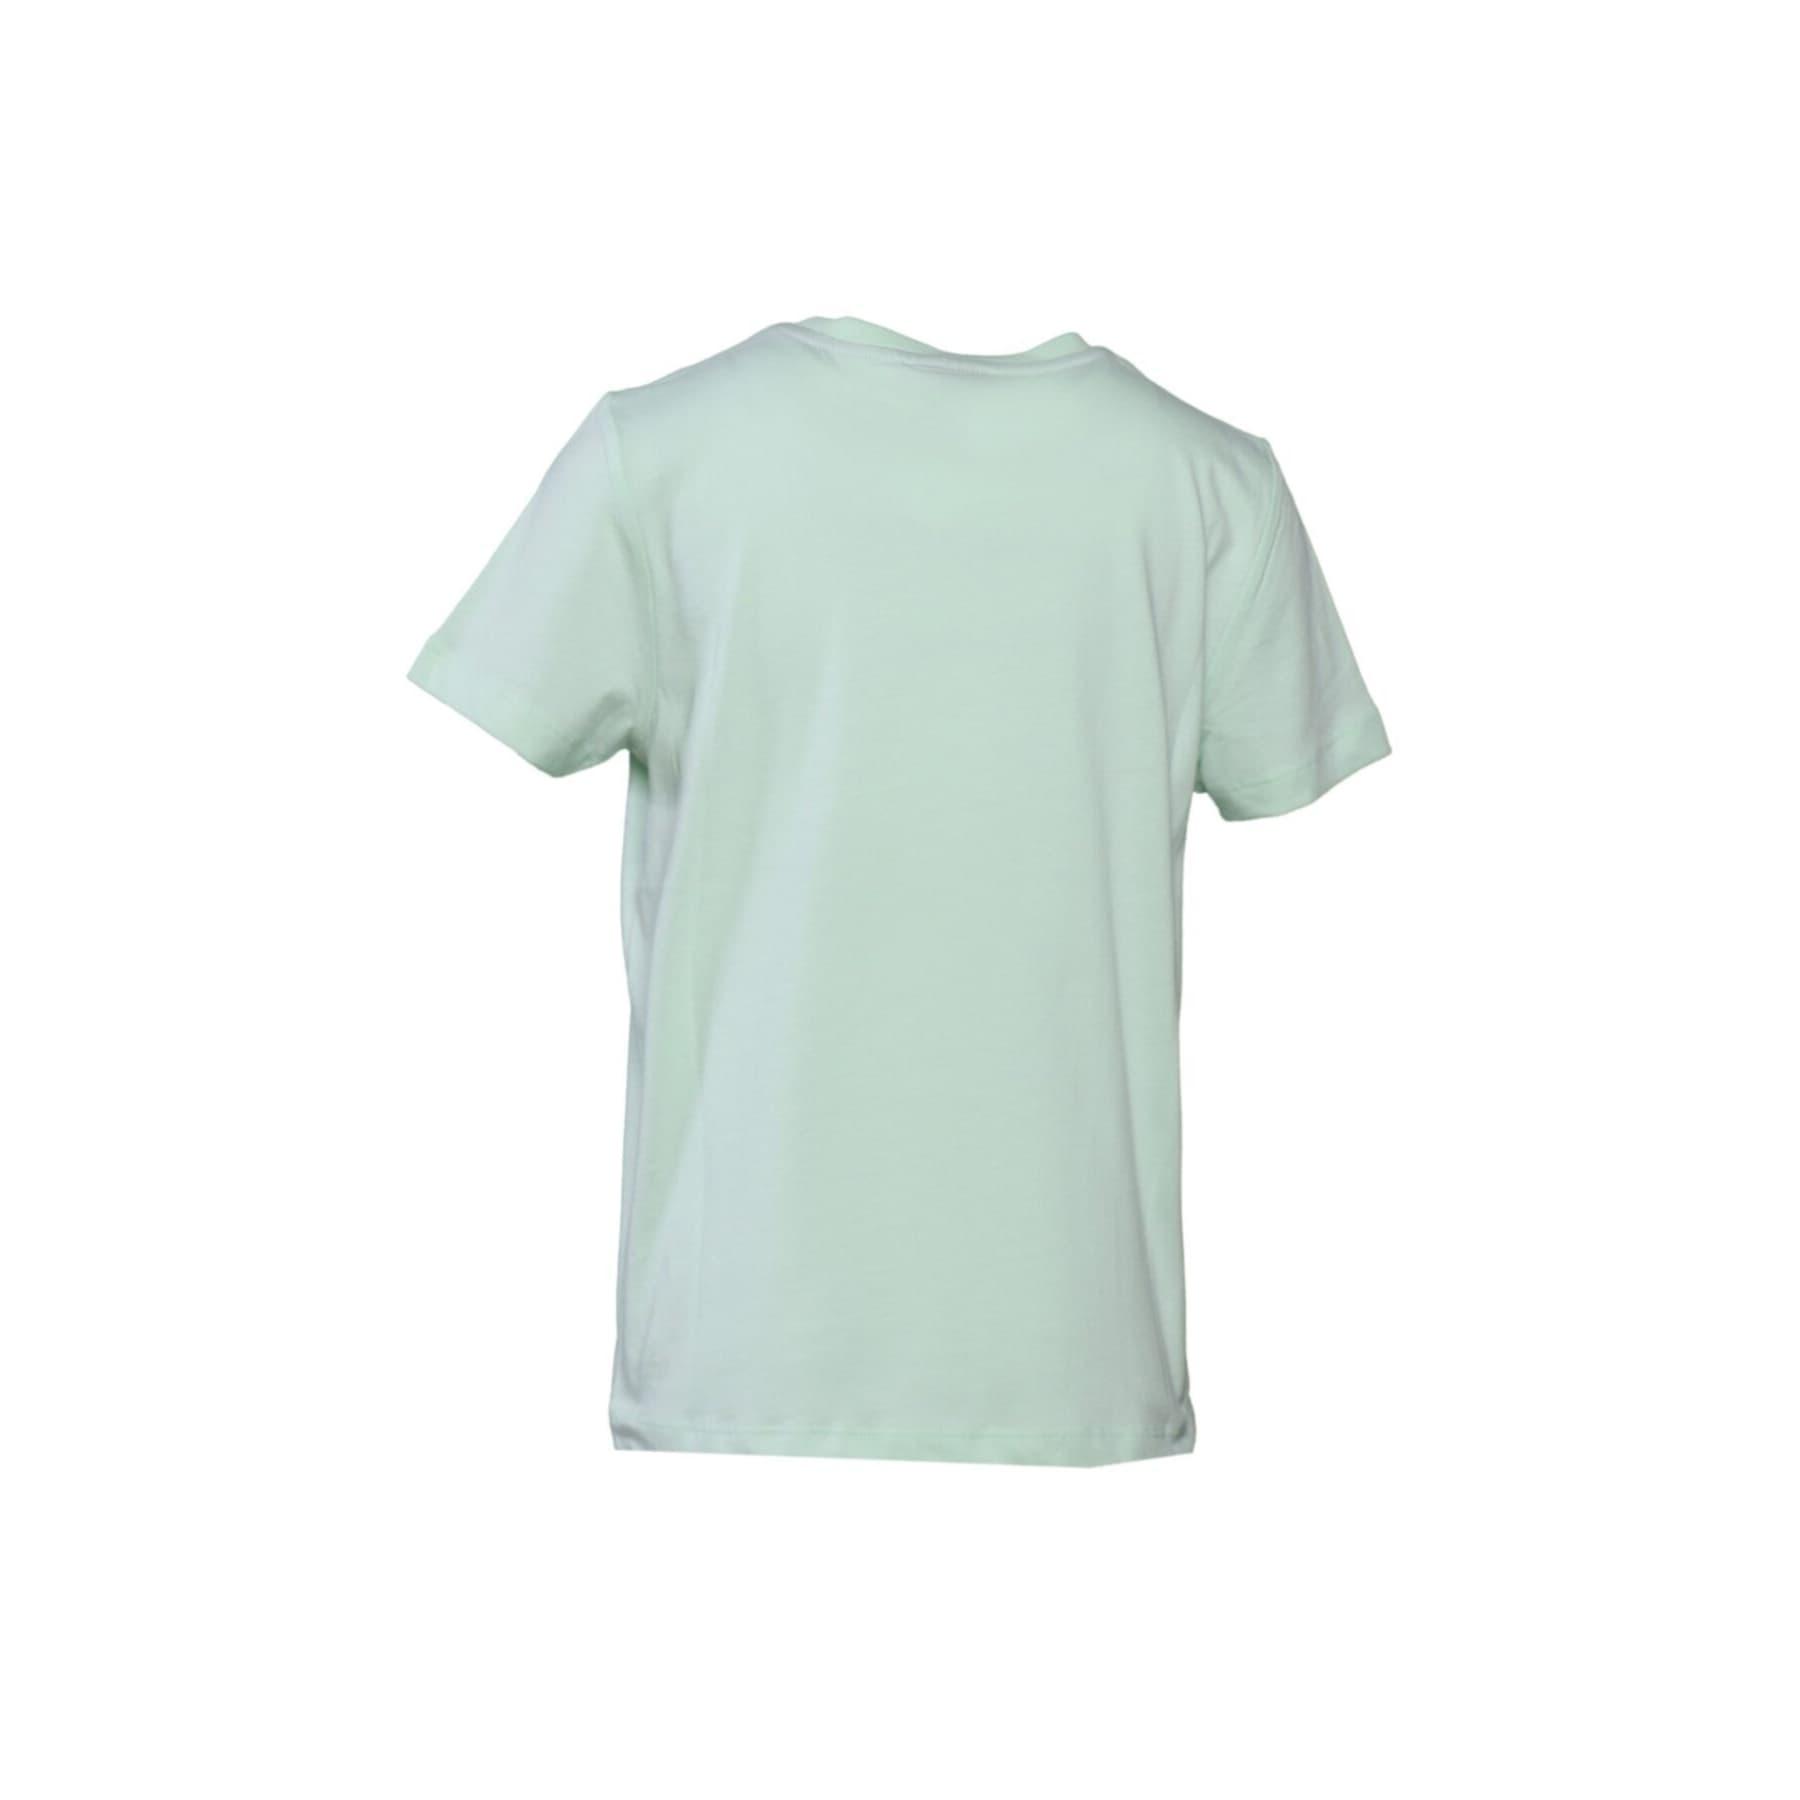 Camel Çocuk Yeşil Tişört (911298-6008)